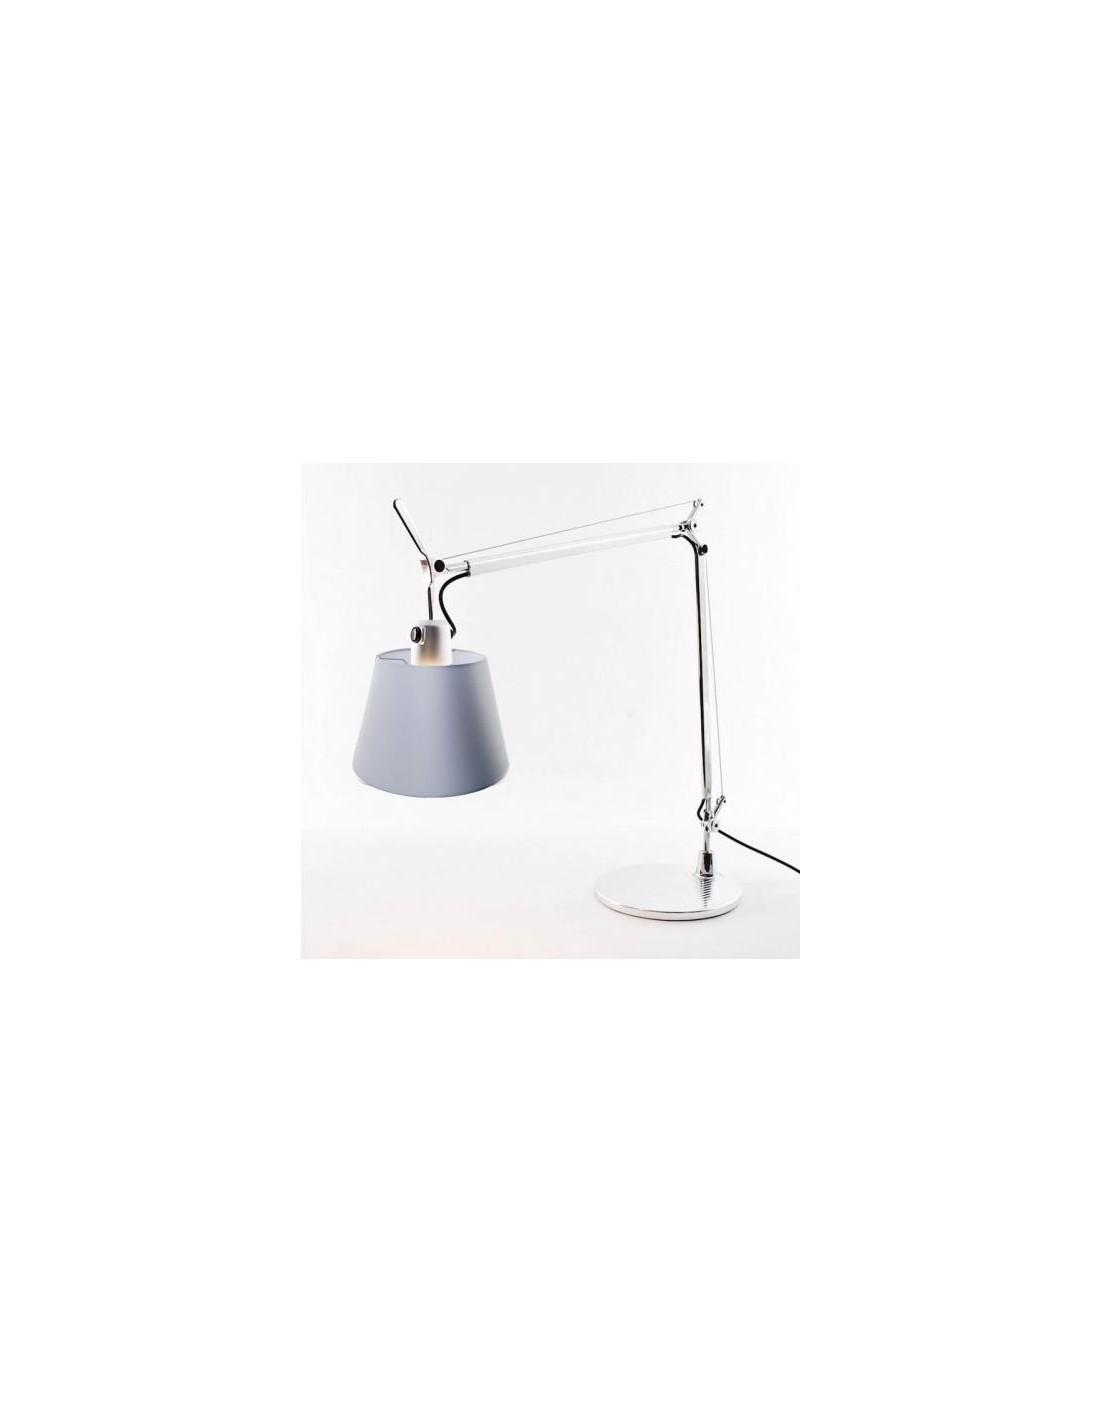 Lampe de table tolomeo basculante vue d 39 ensemble - Table basculante cuisine ...